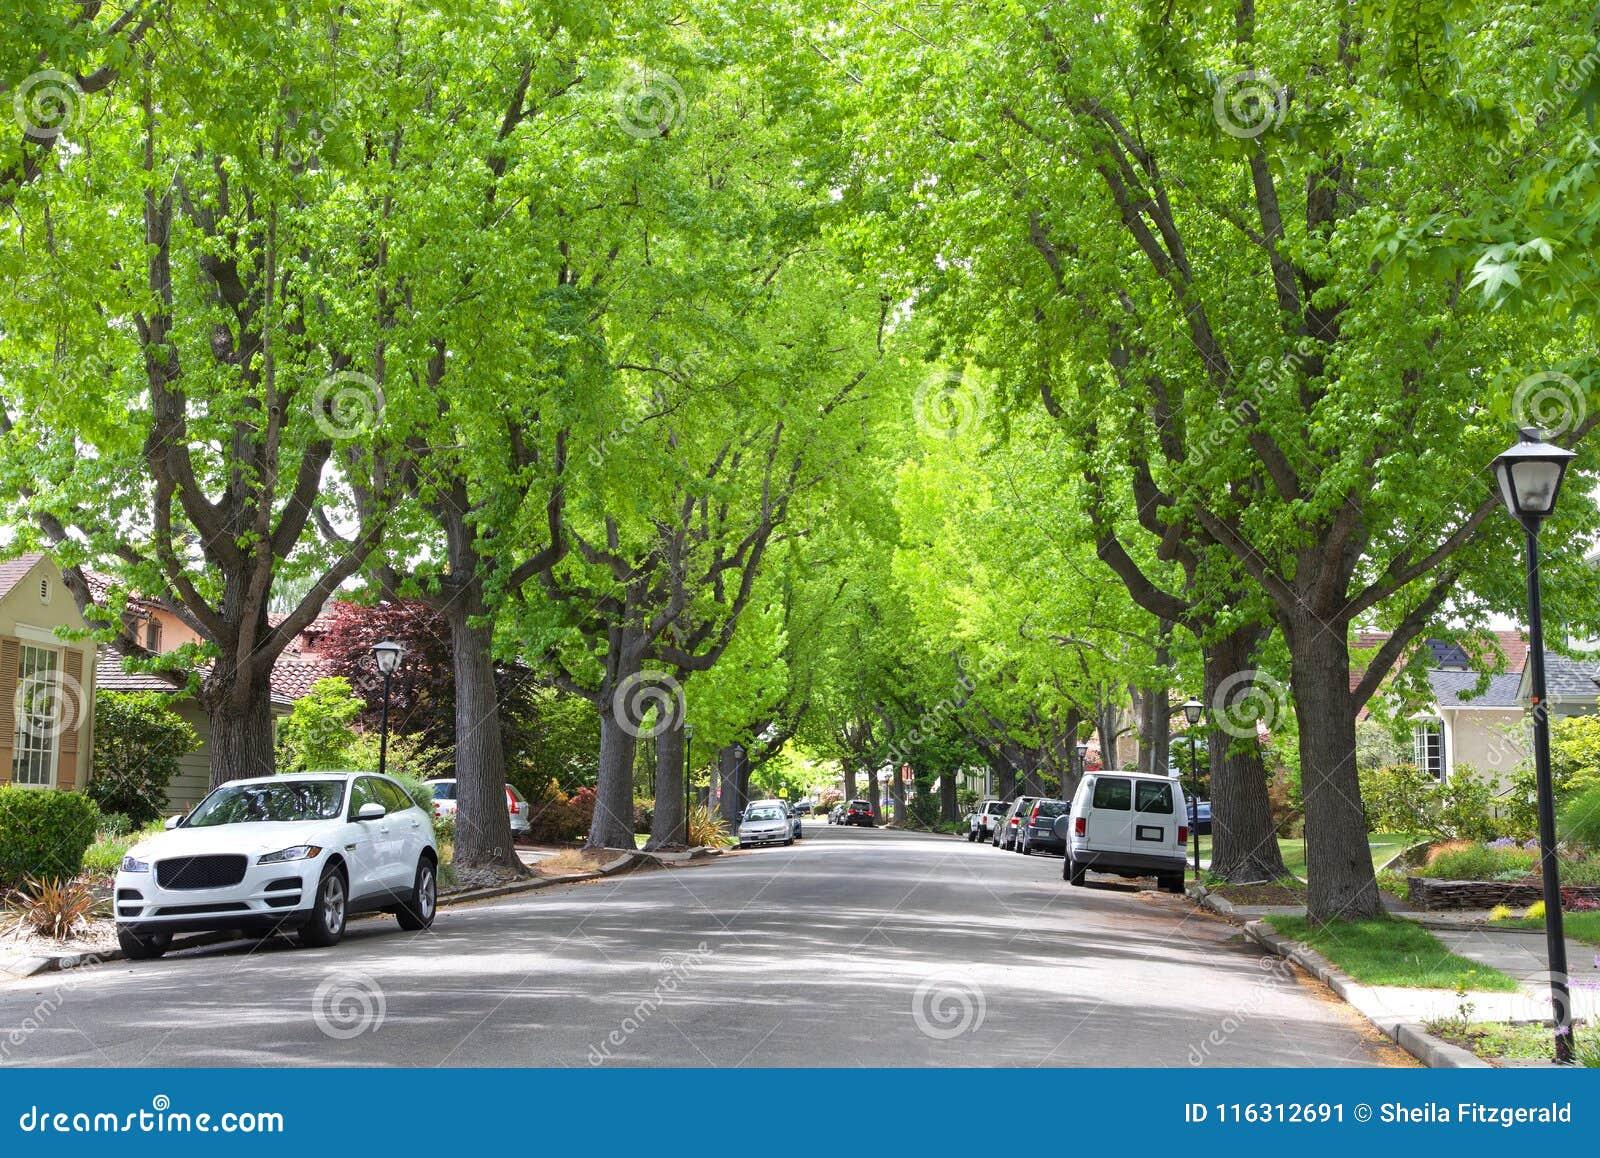 Träd fodrad grannskap med lampstolpar